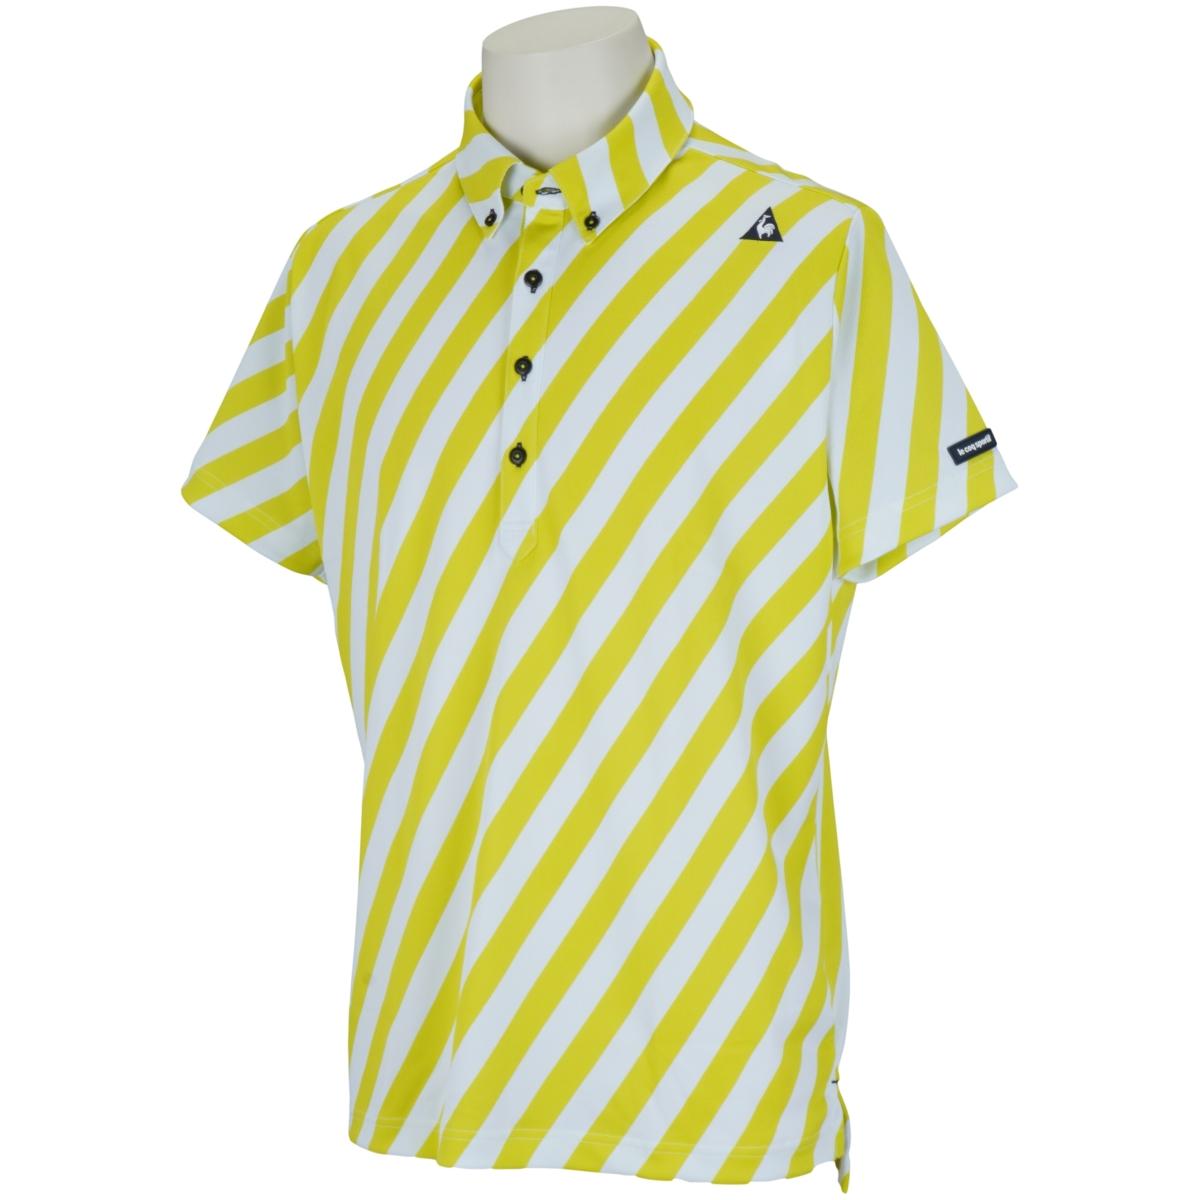 ストライプ柄半袖ポロシャツ